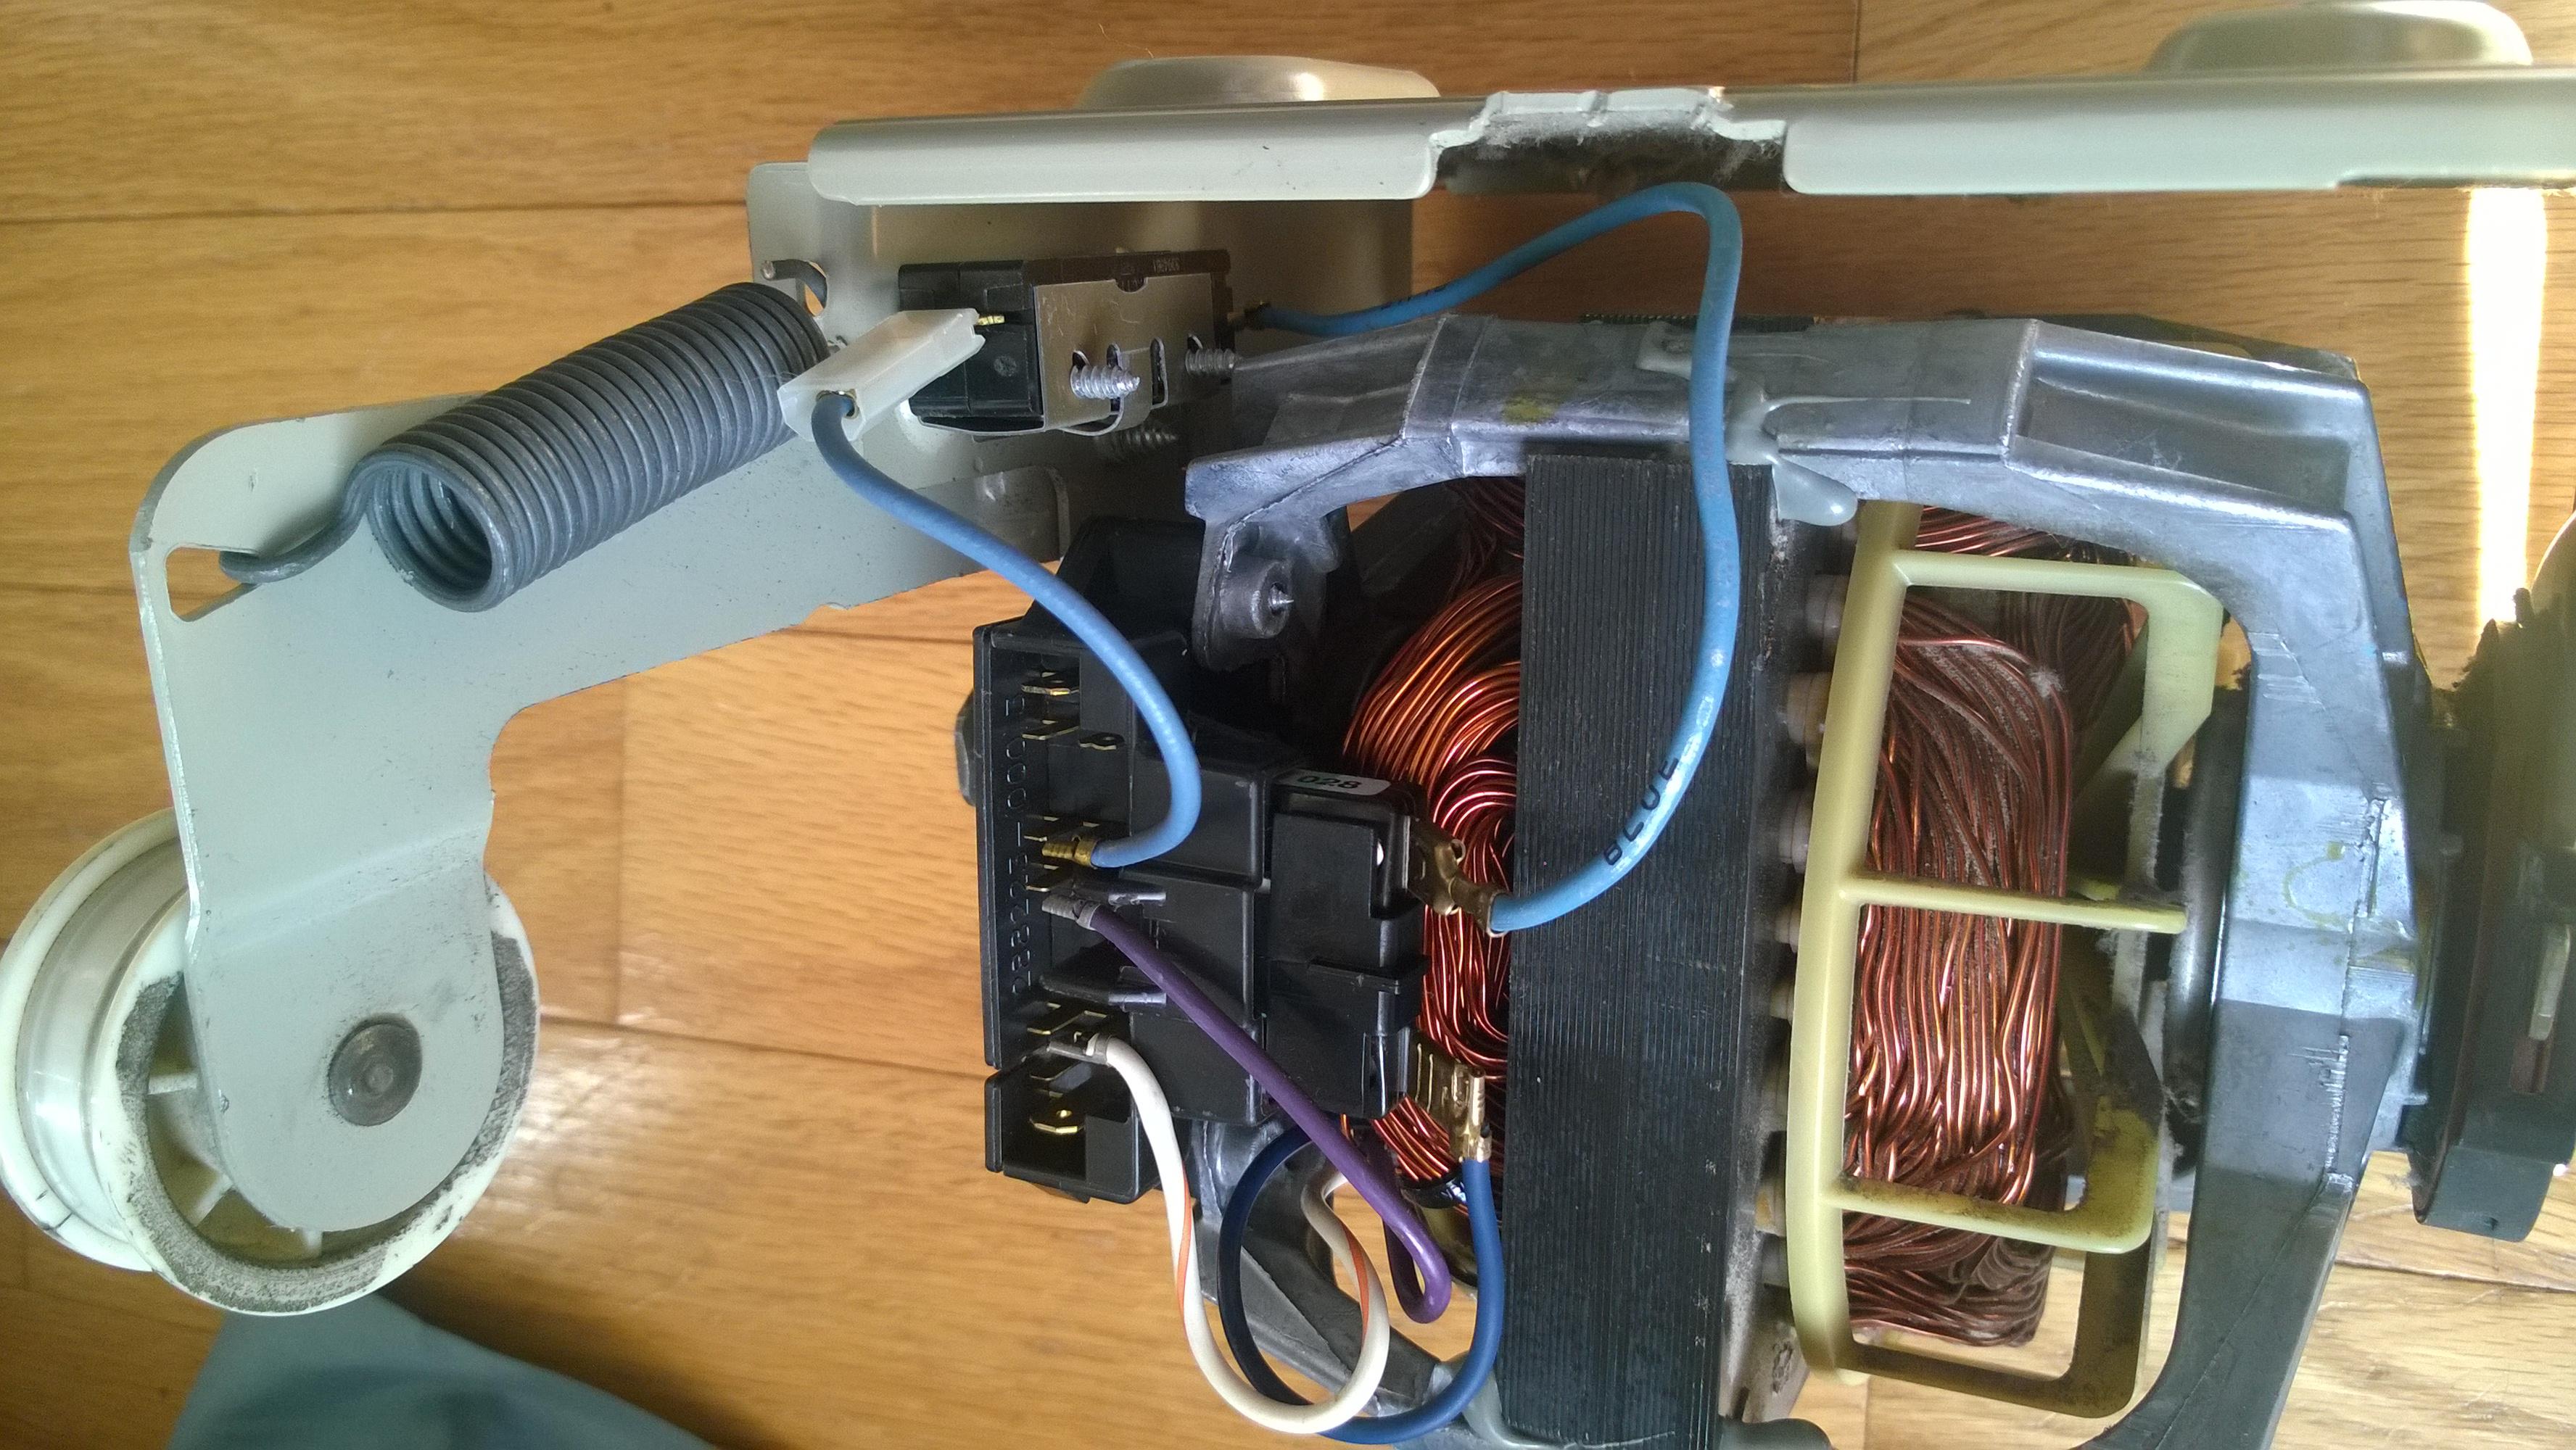 Replacing Dryer Motor With 279787  The Broken Belt Sensor